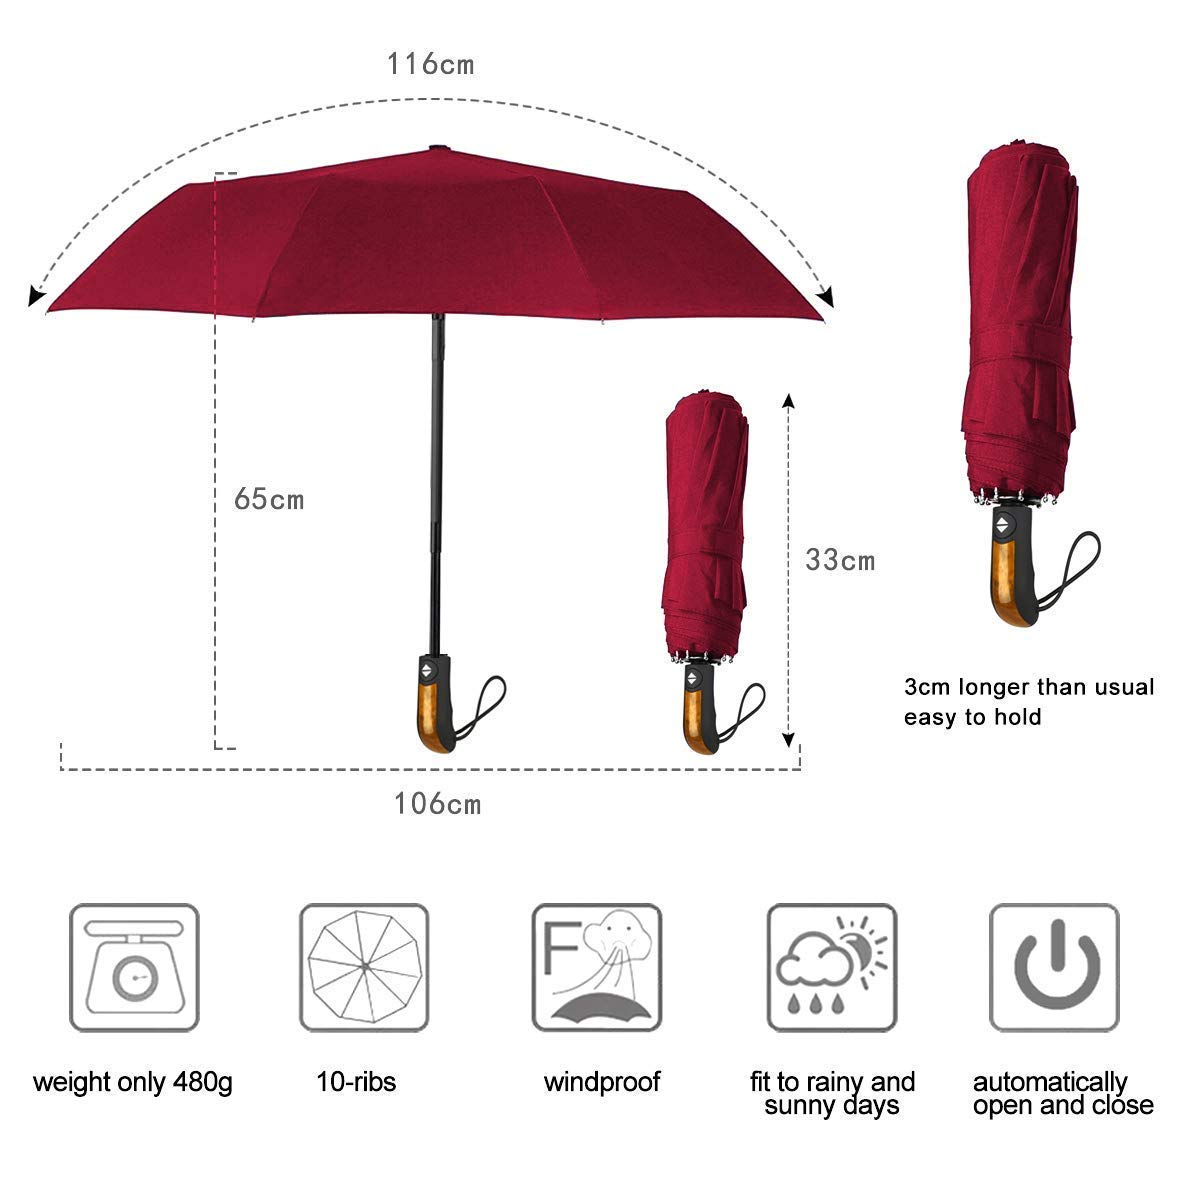 Teflon 190T Canopy 140km//h R/ésistant au Vent Parapluie Pliant avec 10 Baleines Renforc/é Parapluie de Voyage pour Homme et Femme Ouverture et Fermeture Automatique